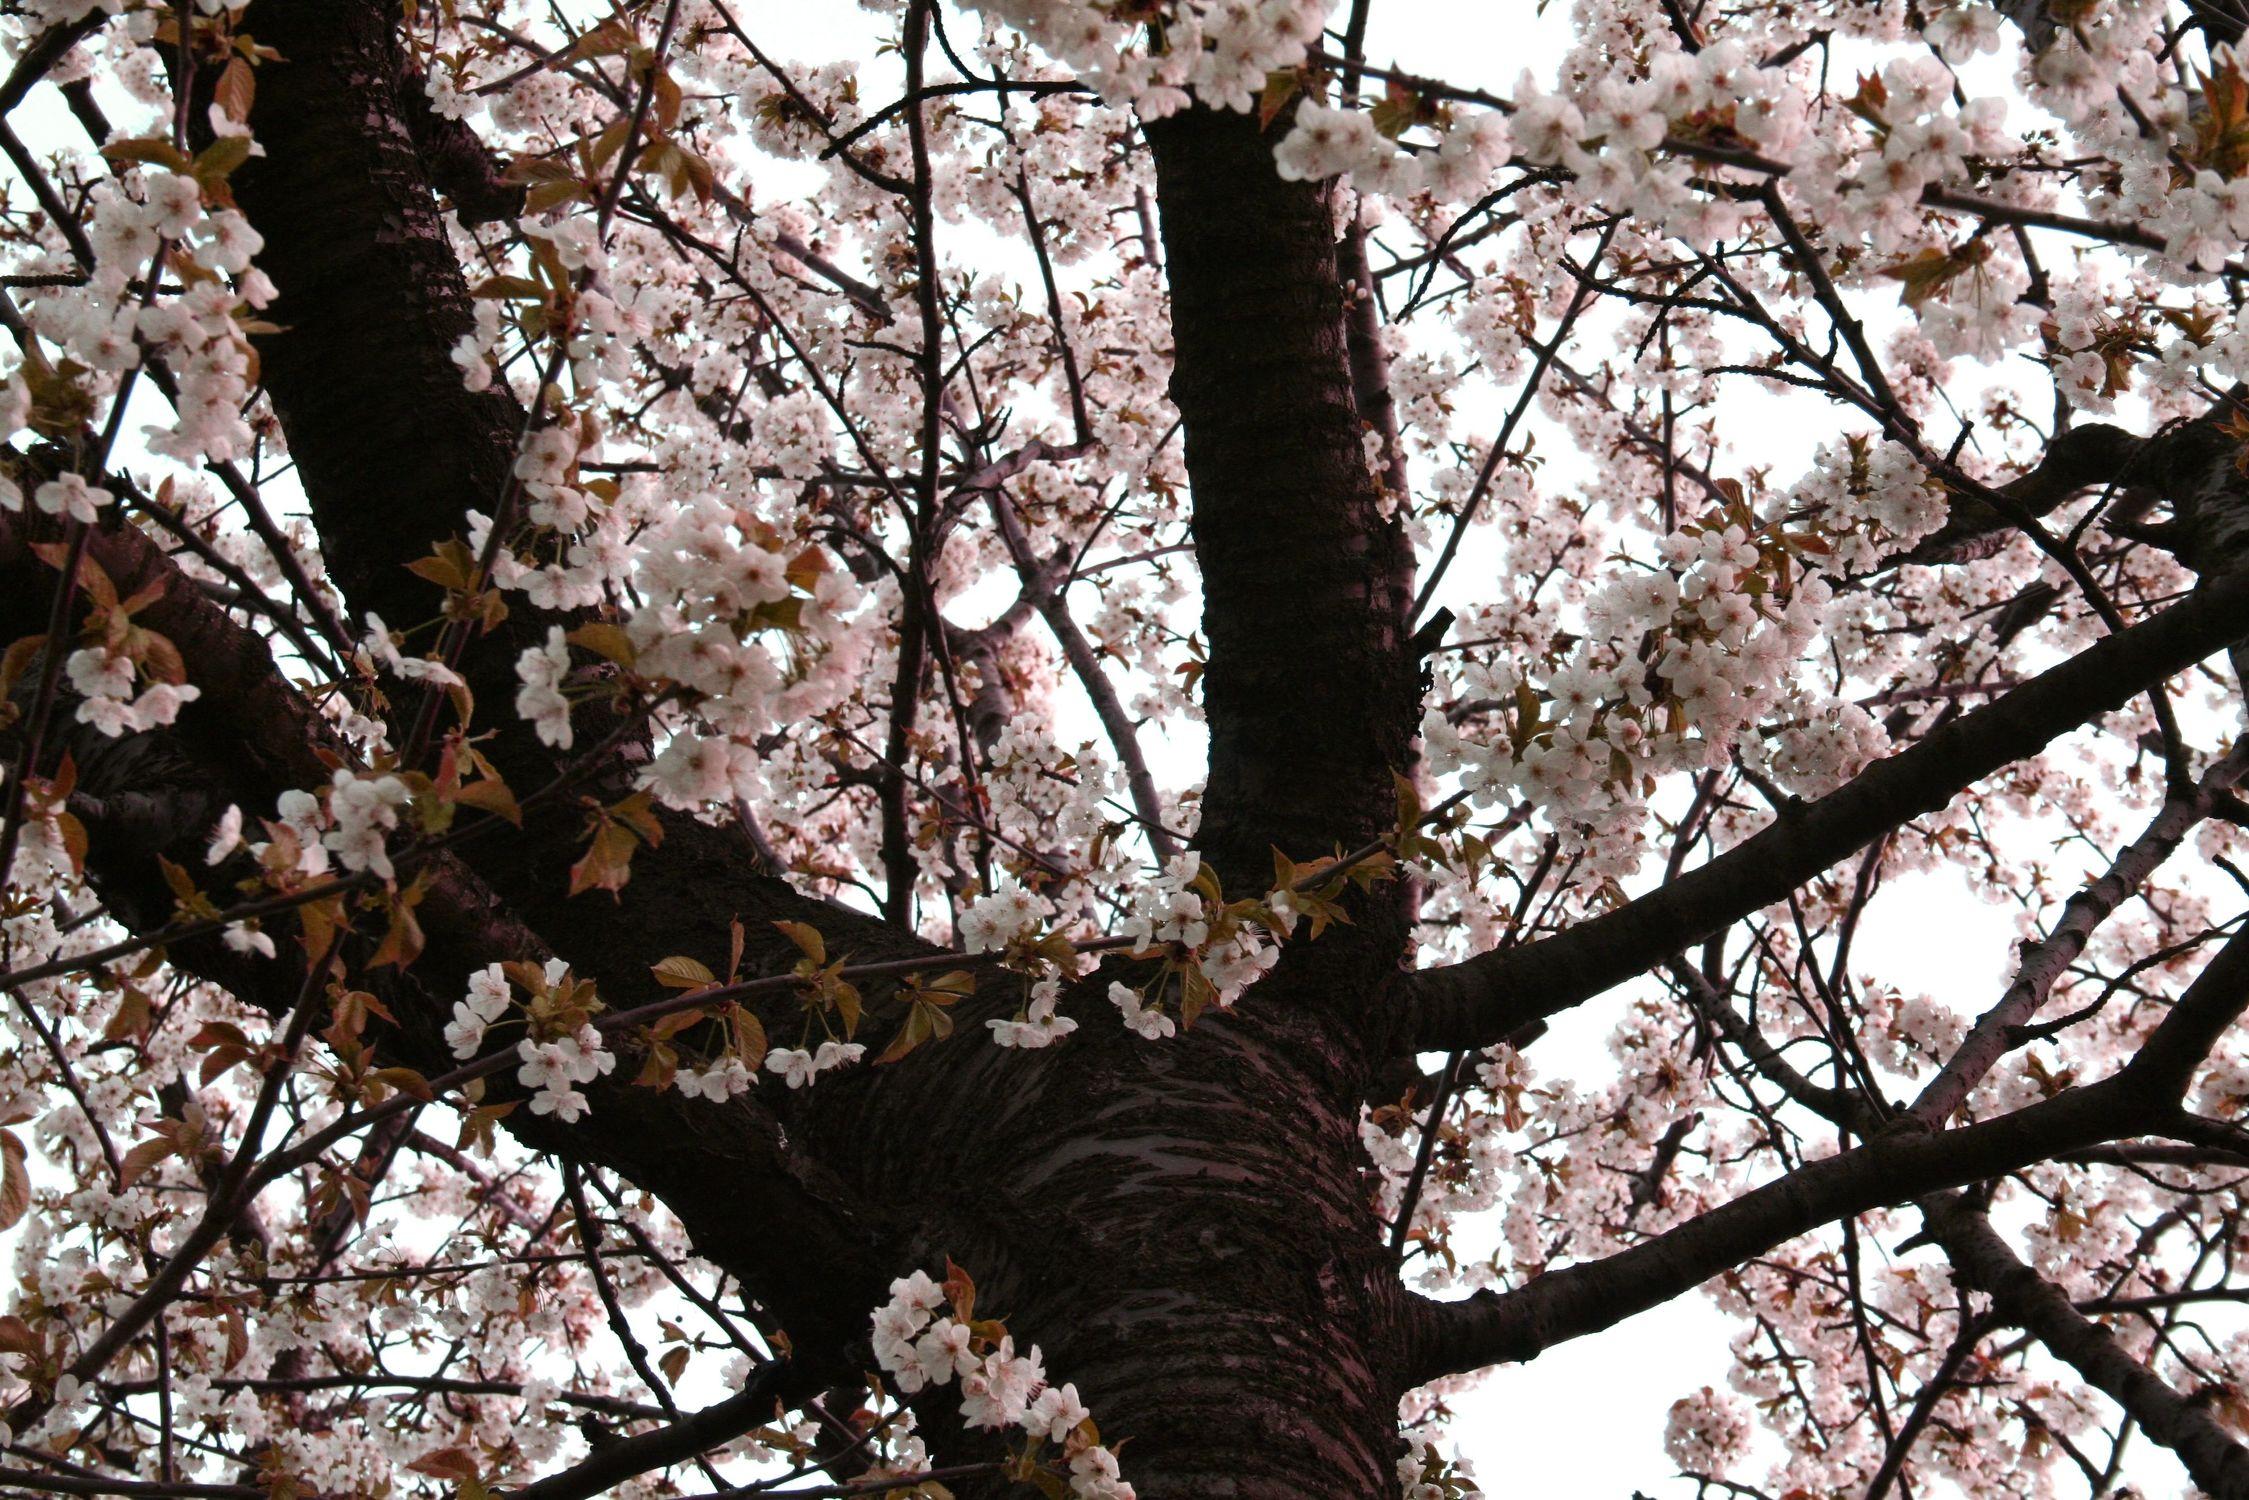 Bild mit Natur, Pflanzen, Bäume, Frühling, Kirschbäume, Baum, Kirchbaum, Kirchbäume, blühender Kirschbaum, Kirschblüten